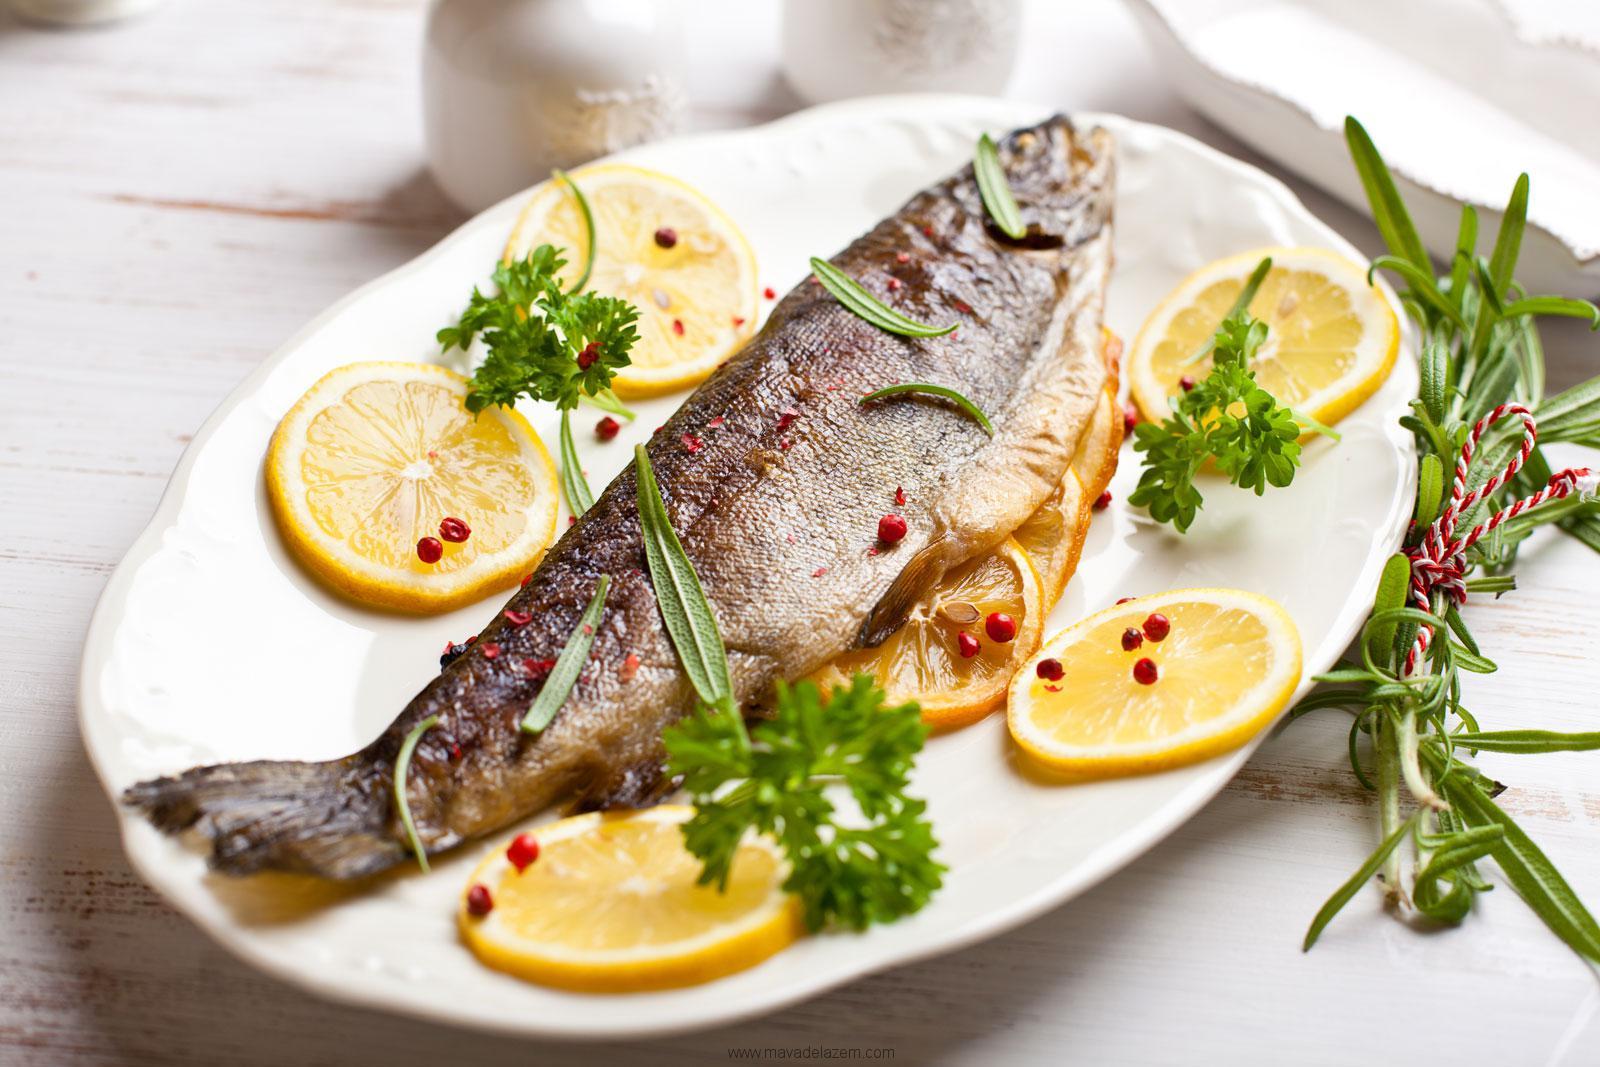 آموزش ۸۳ نوع غذای دریایی